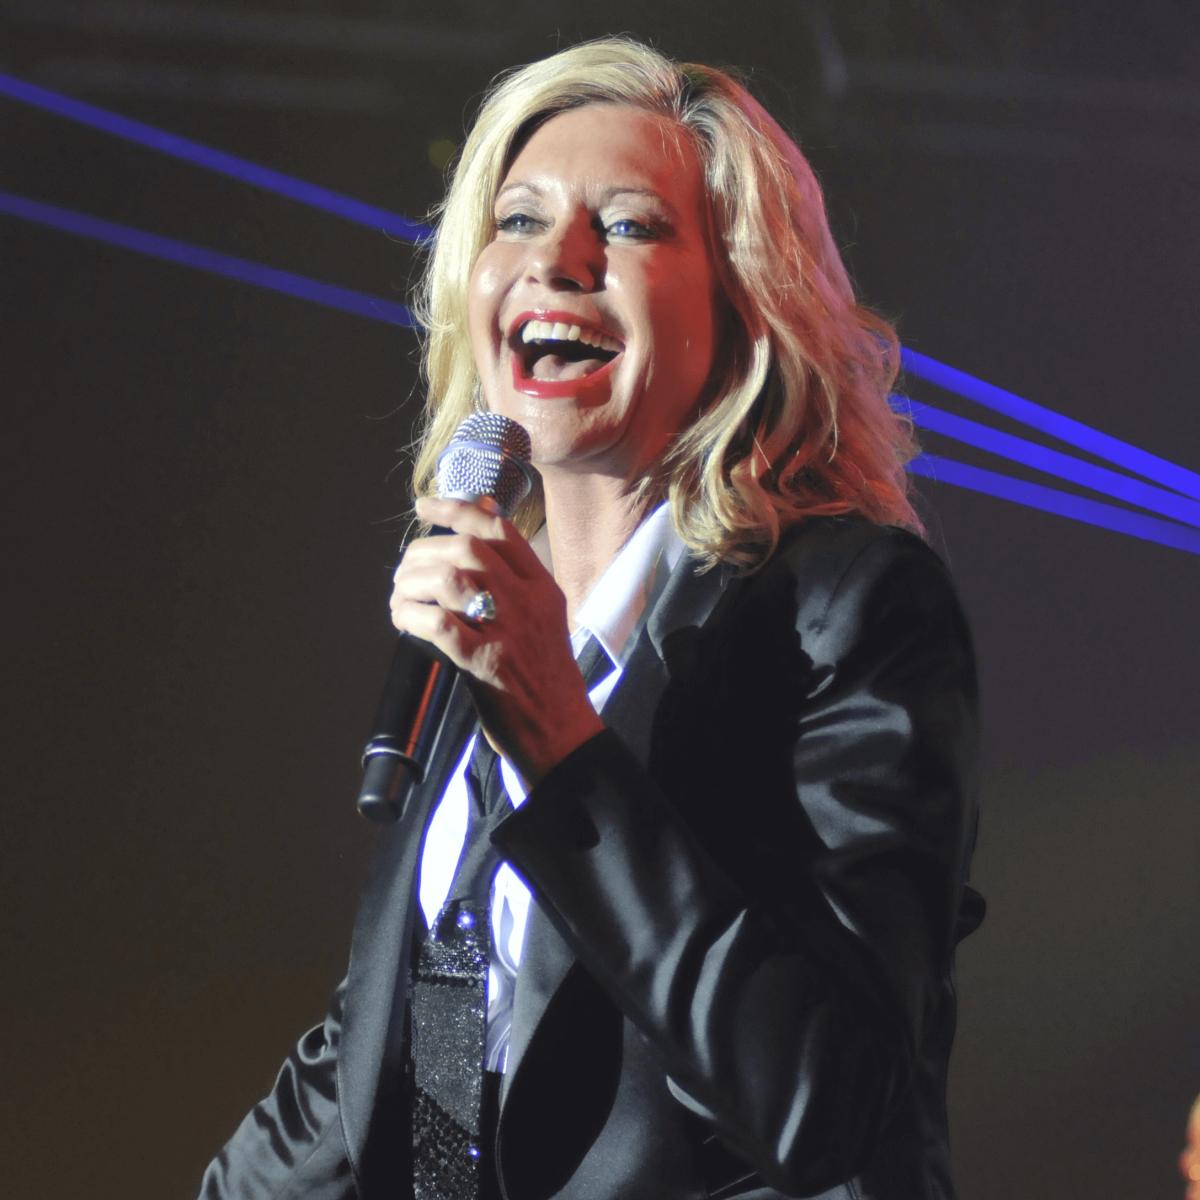 030, Houston Children's Charity Gala, November 2012, Olivia Newton-John